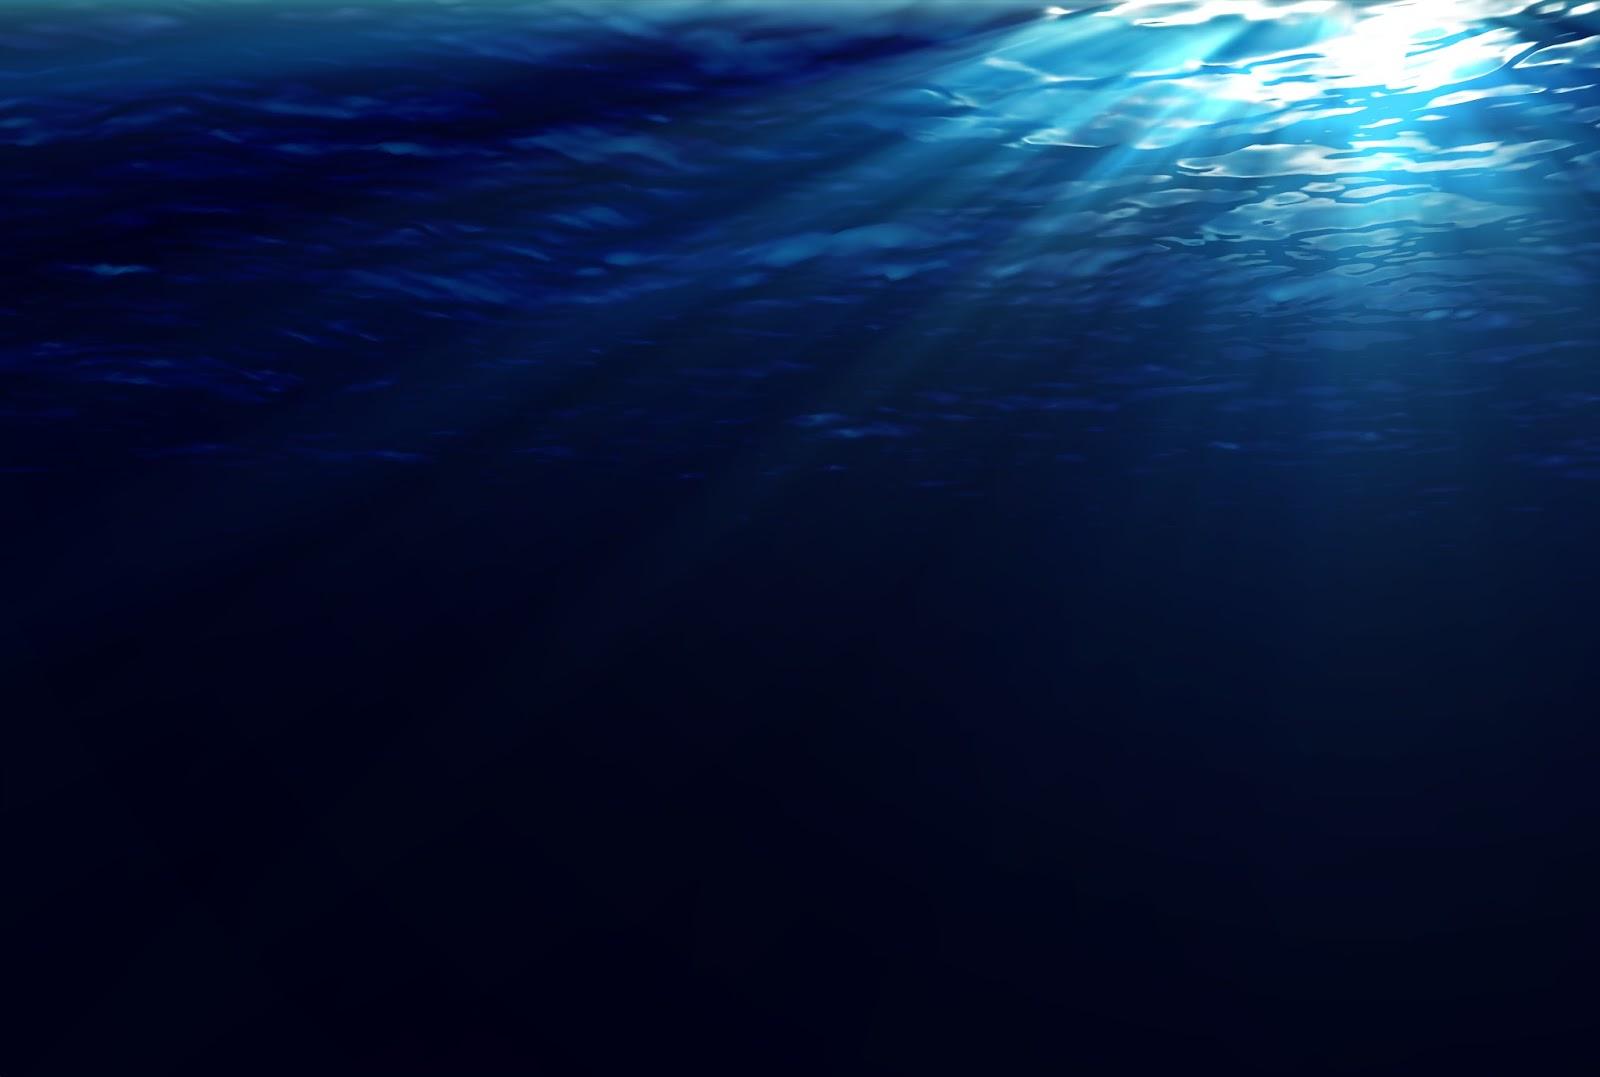 underwater wallpaper 4